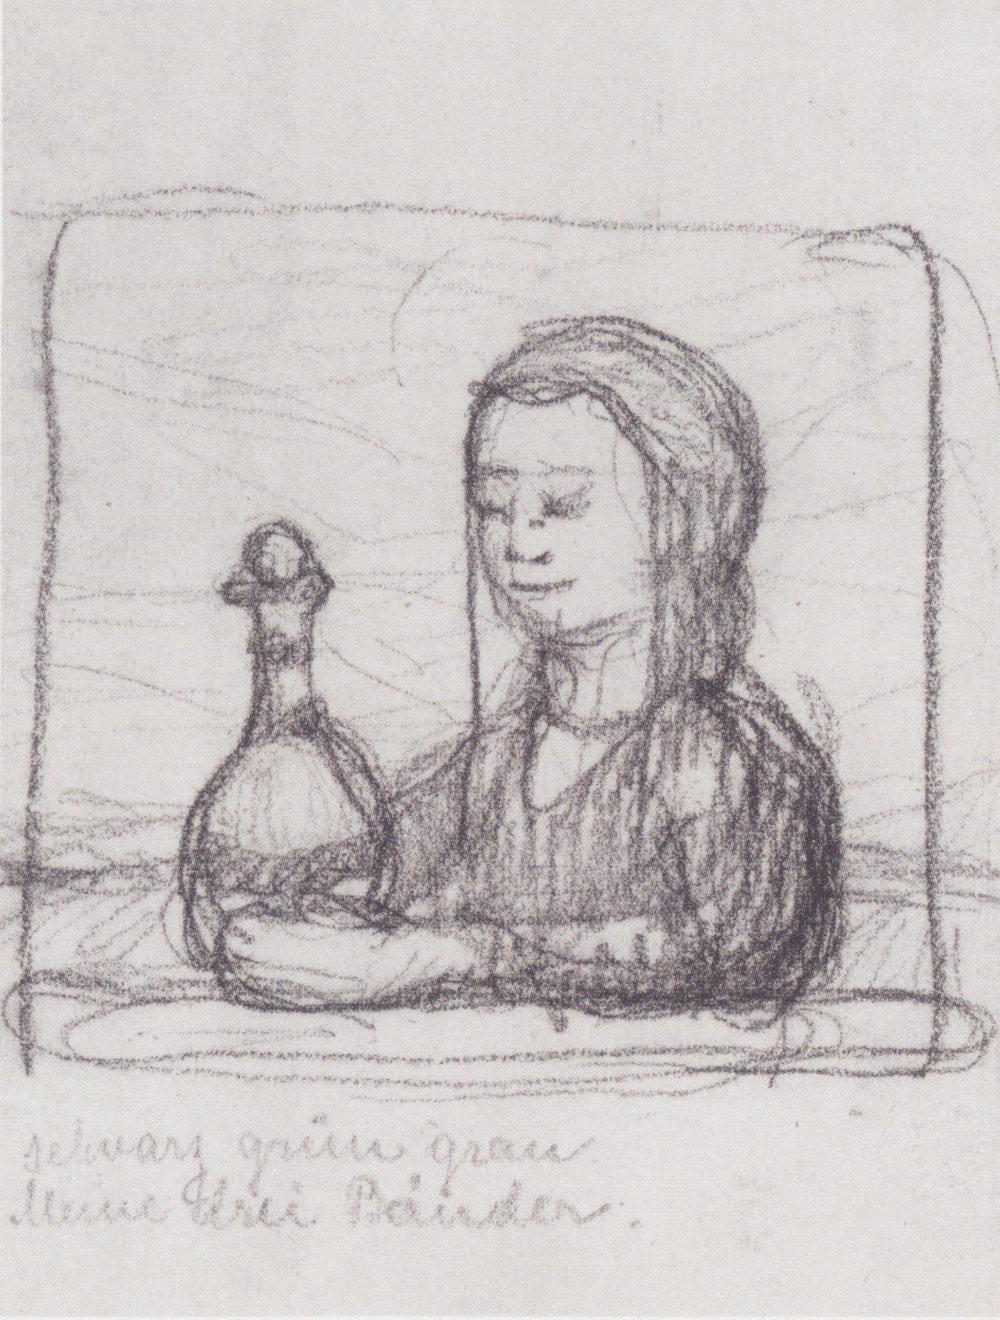 Paula Modersohn-Becker, Portrait of a Woman with a Pitcher (~1902).